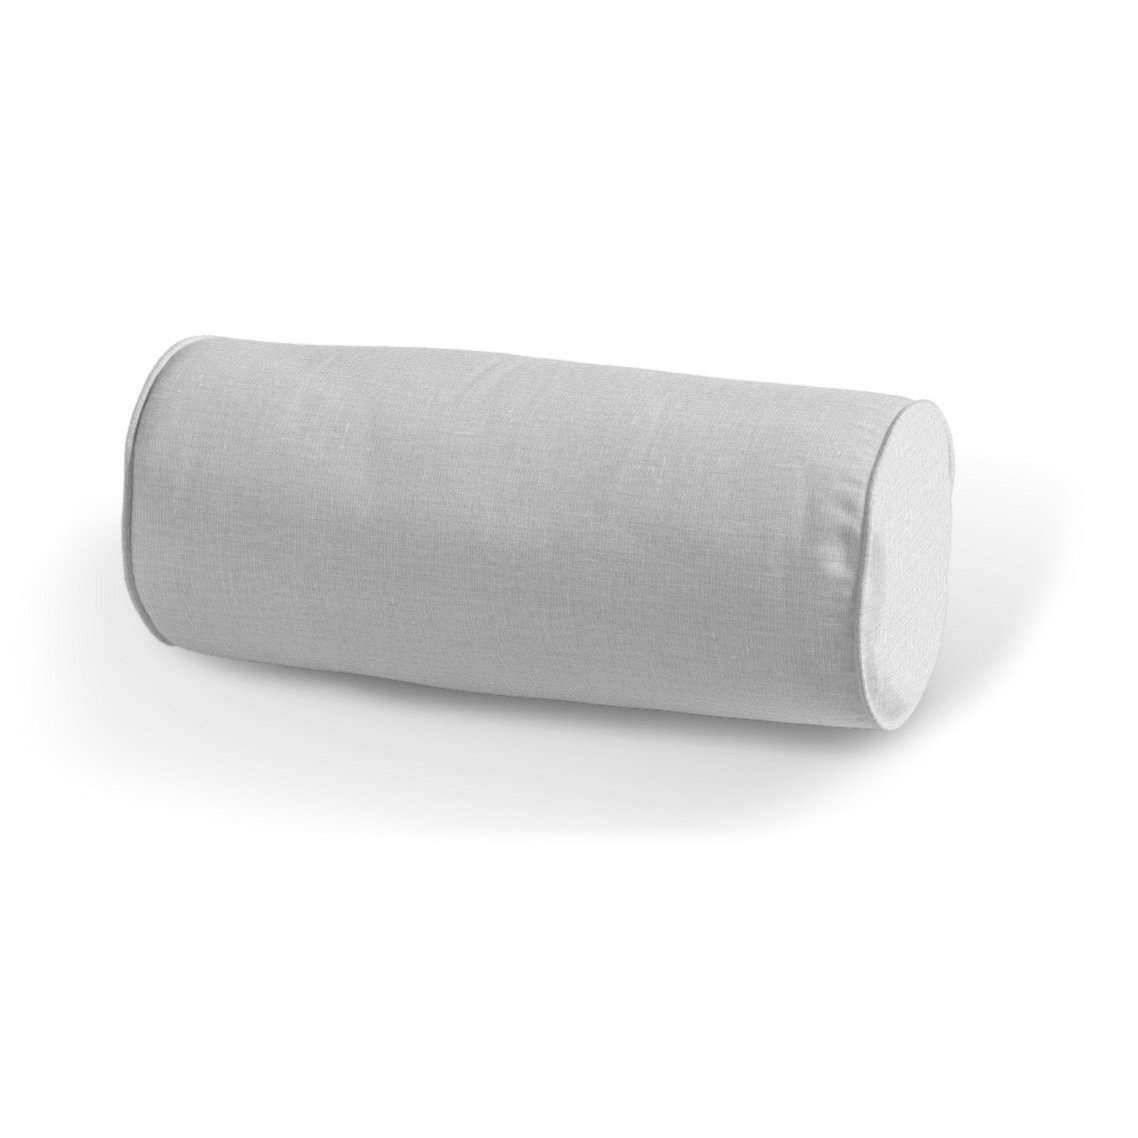 Wałek prosty Ø 16 x 40 cm w kolekcji Linen, tkanina: 392-04